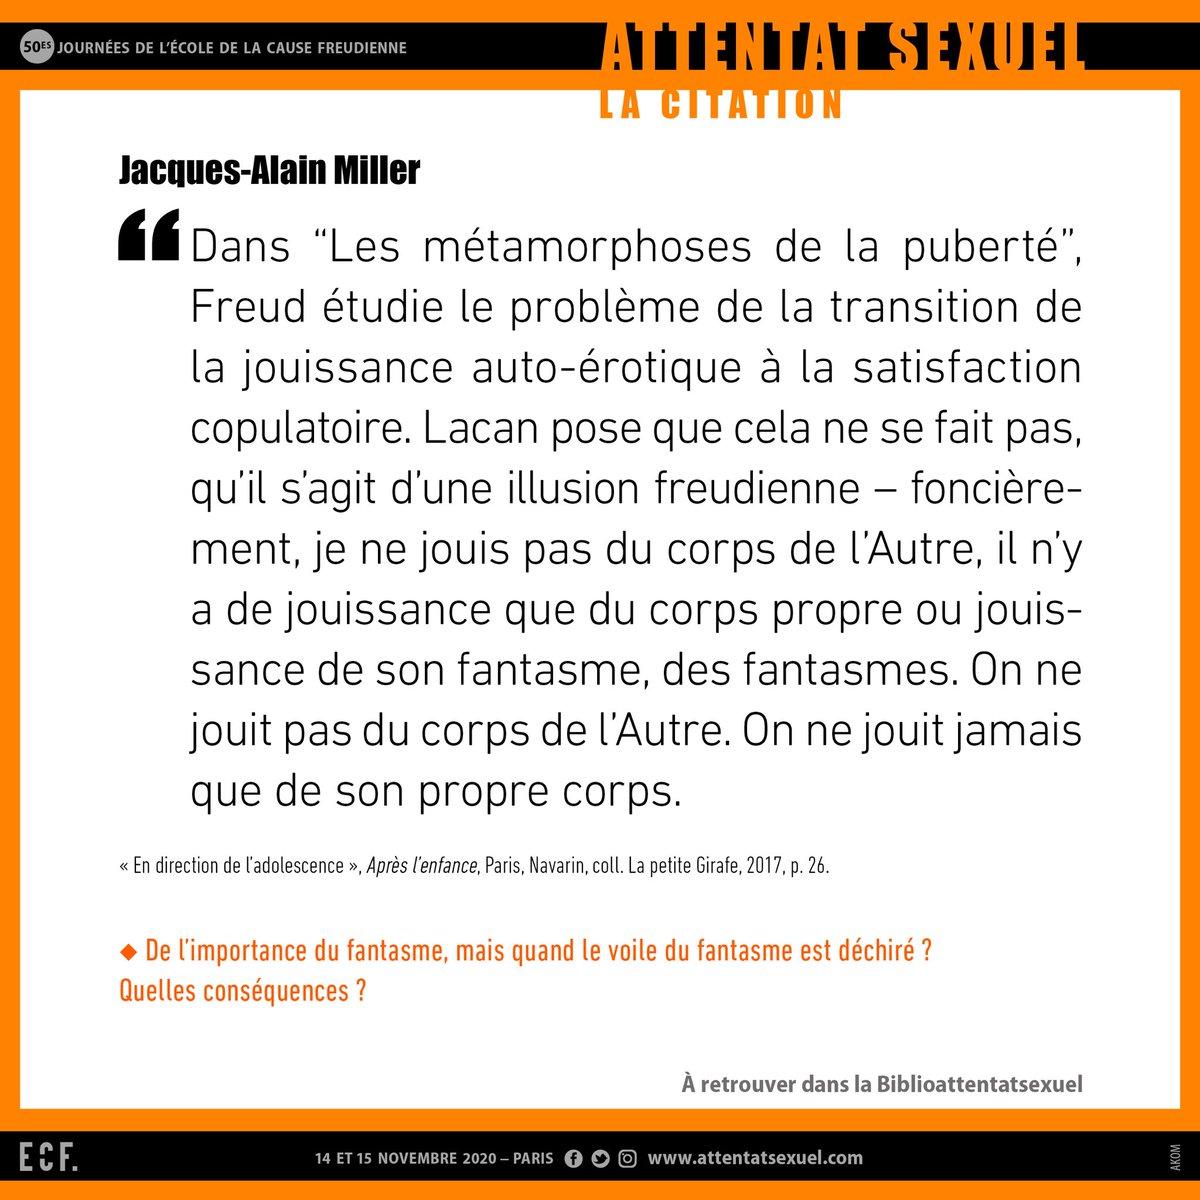 #J50 LA CITATION #JacquesAlainMiller https://t.co/zN88DWiBwf